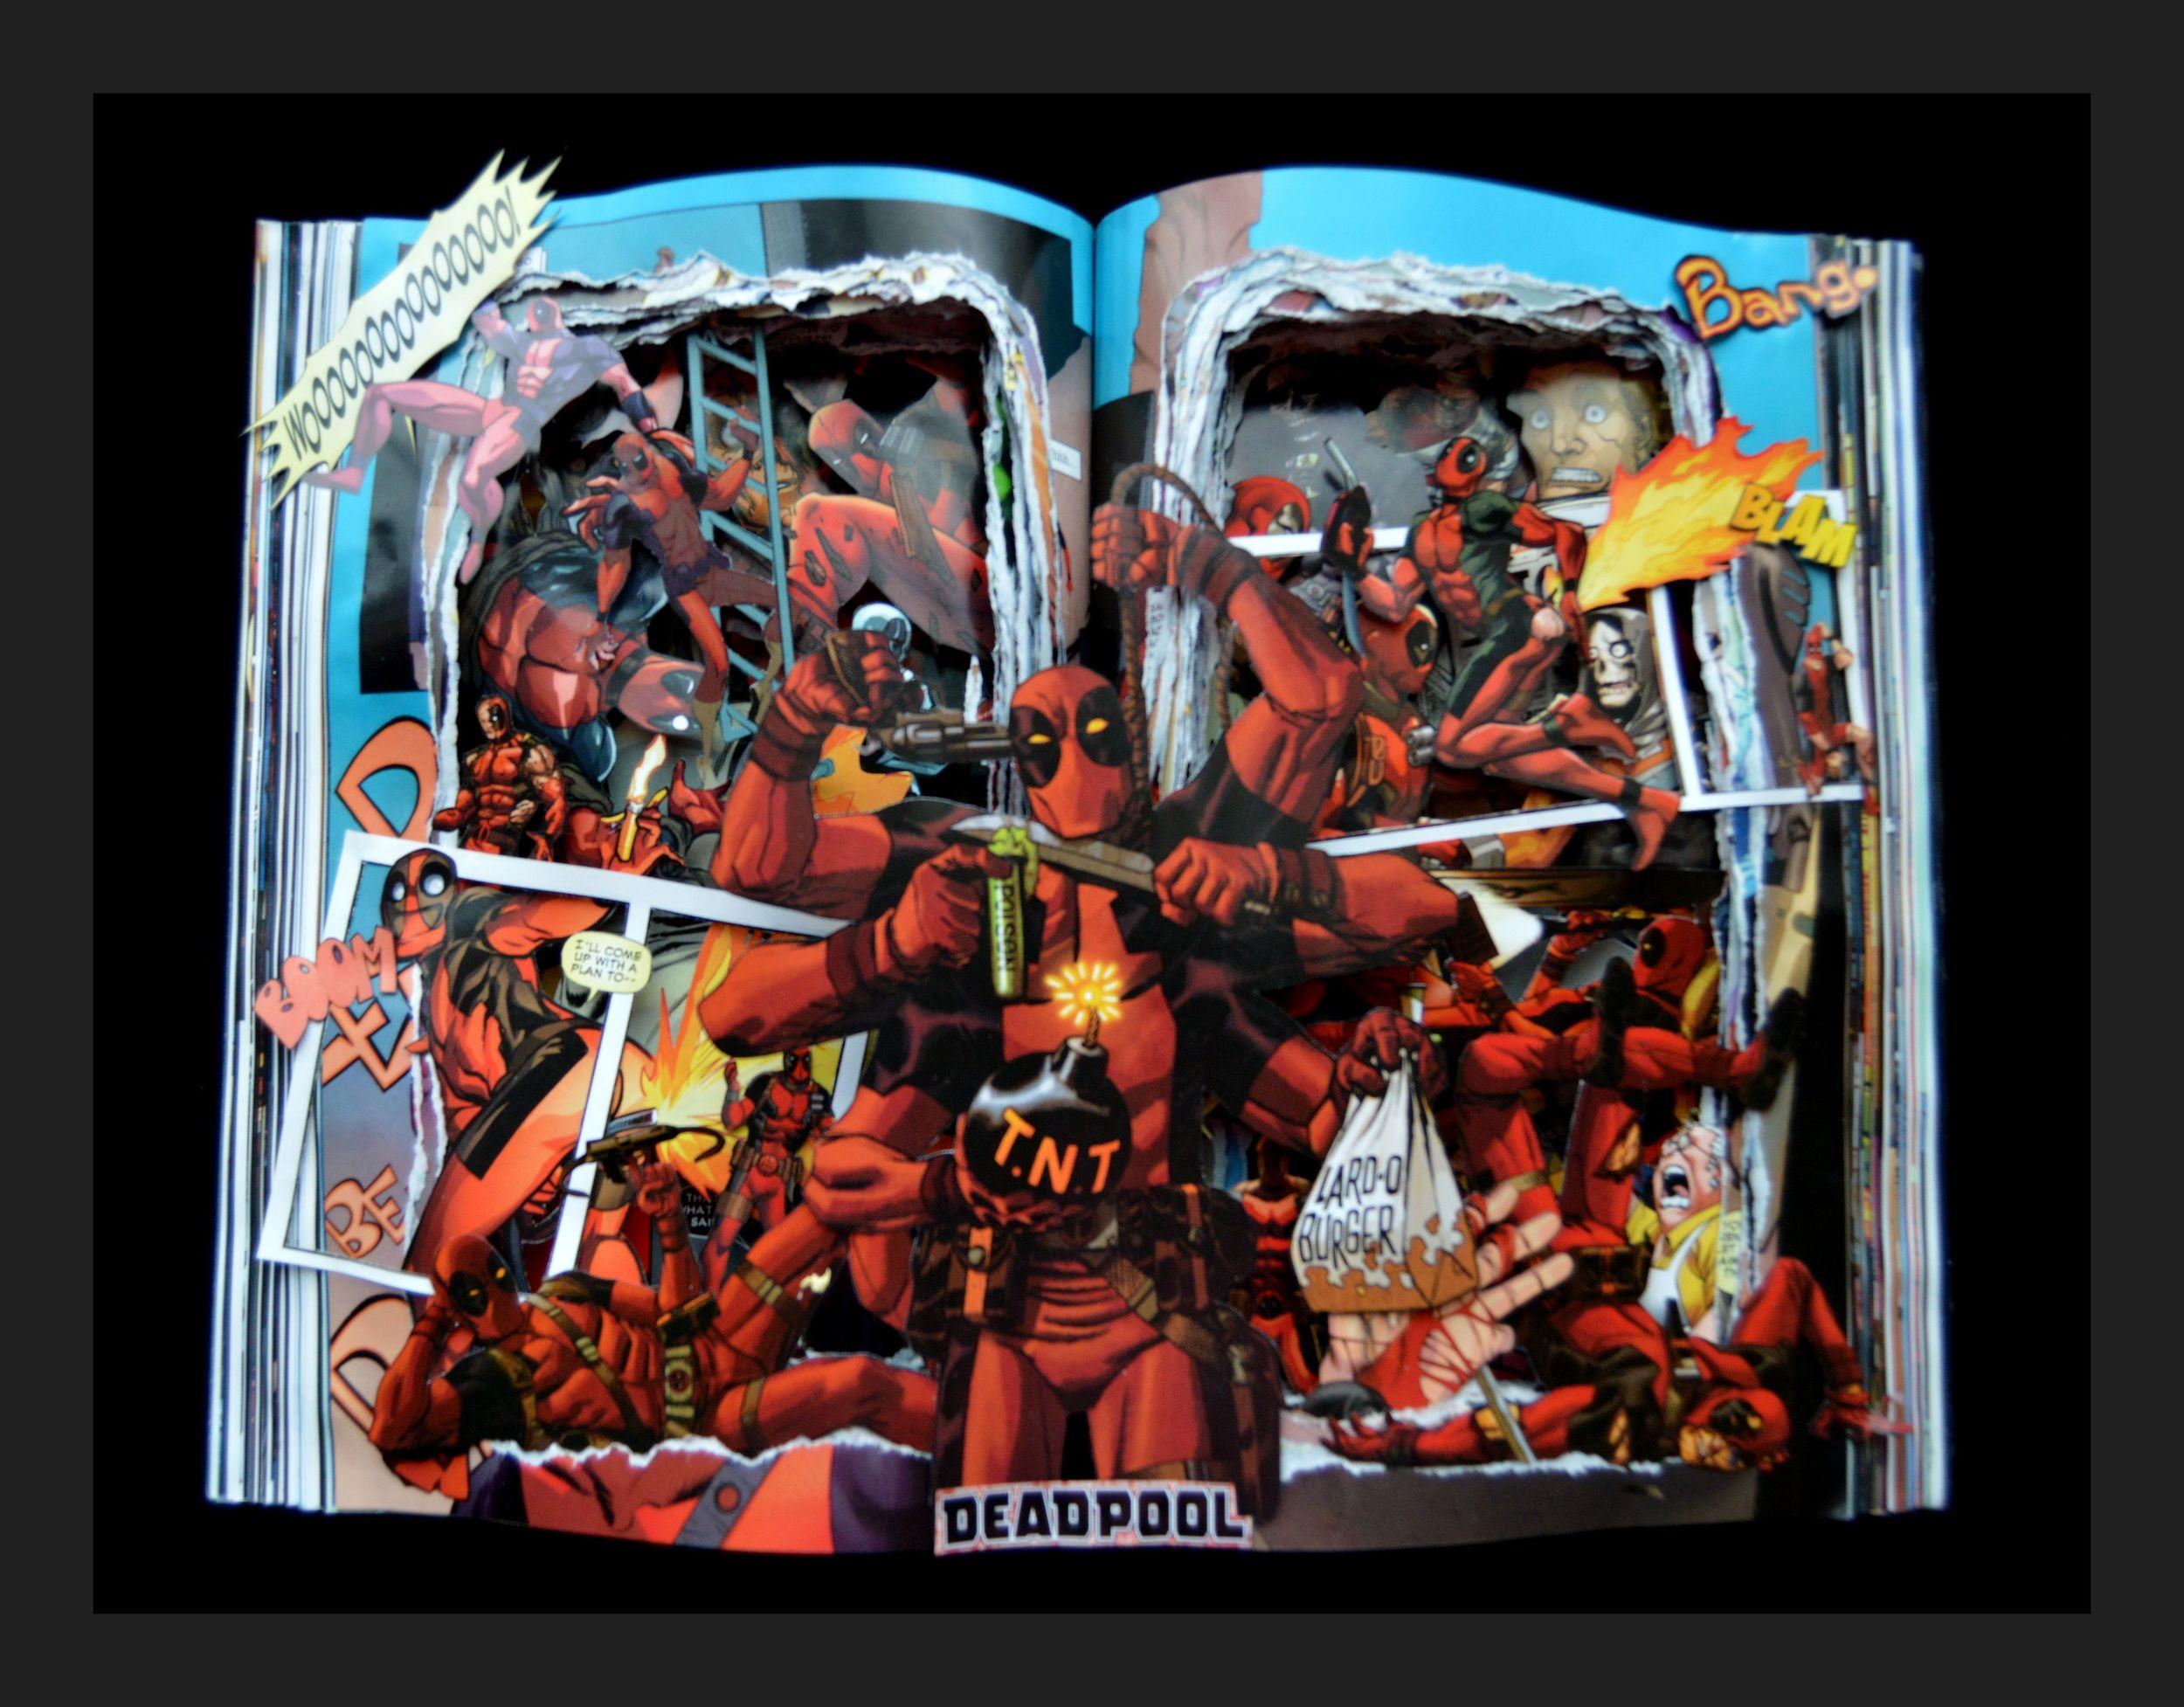 DEADPOOL Graphic novel book Sculpture - 12x16x3